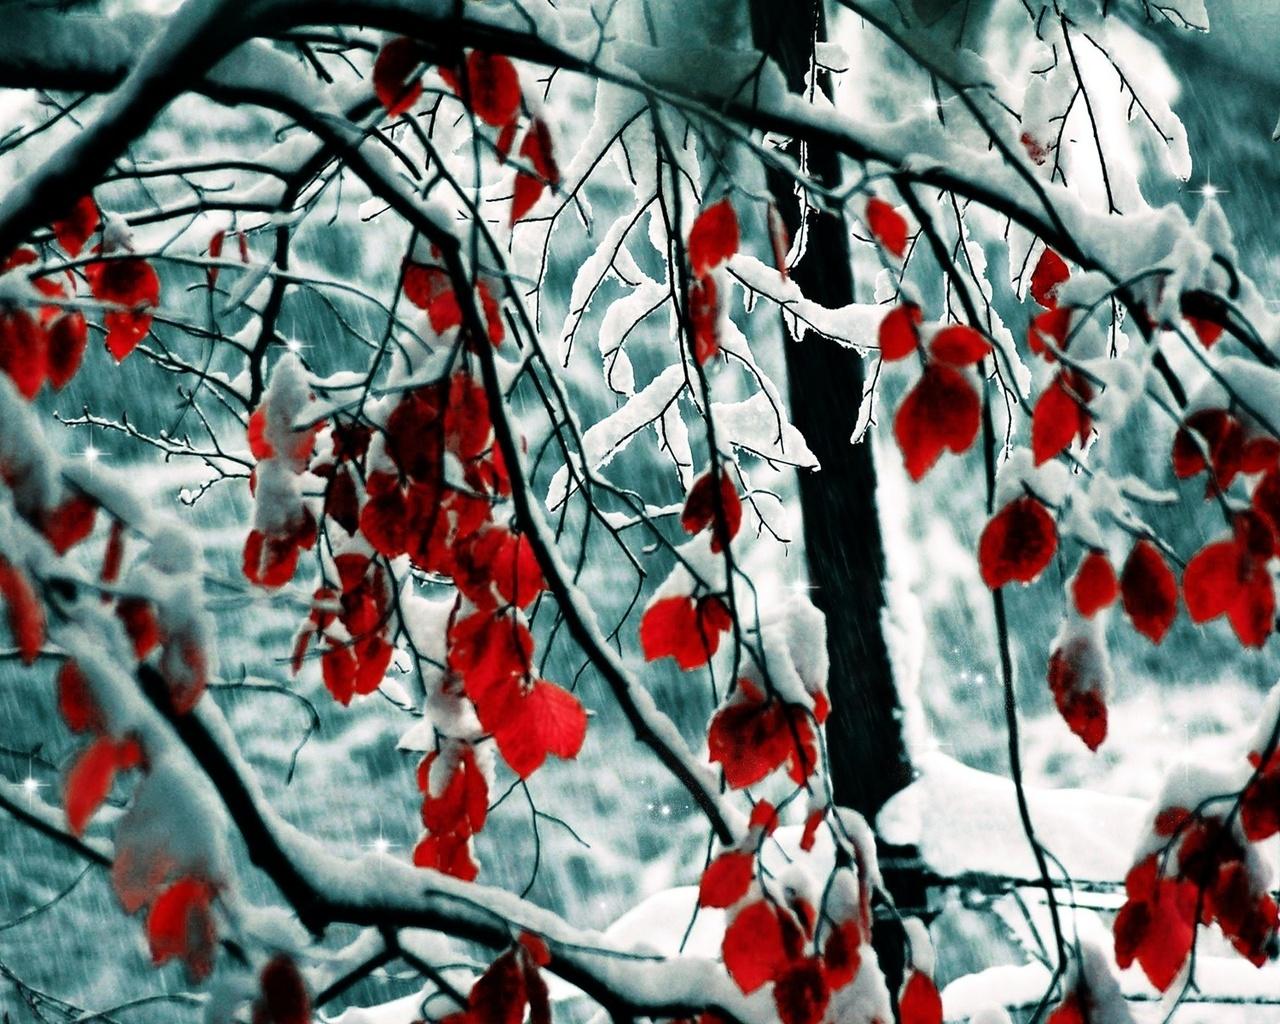 зима, листья, снег, snow, nature, ветки, winter, деревья, Природа